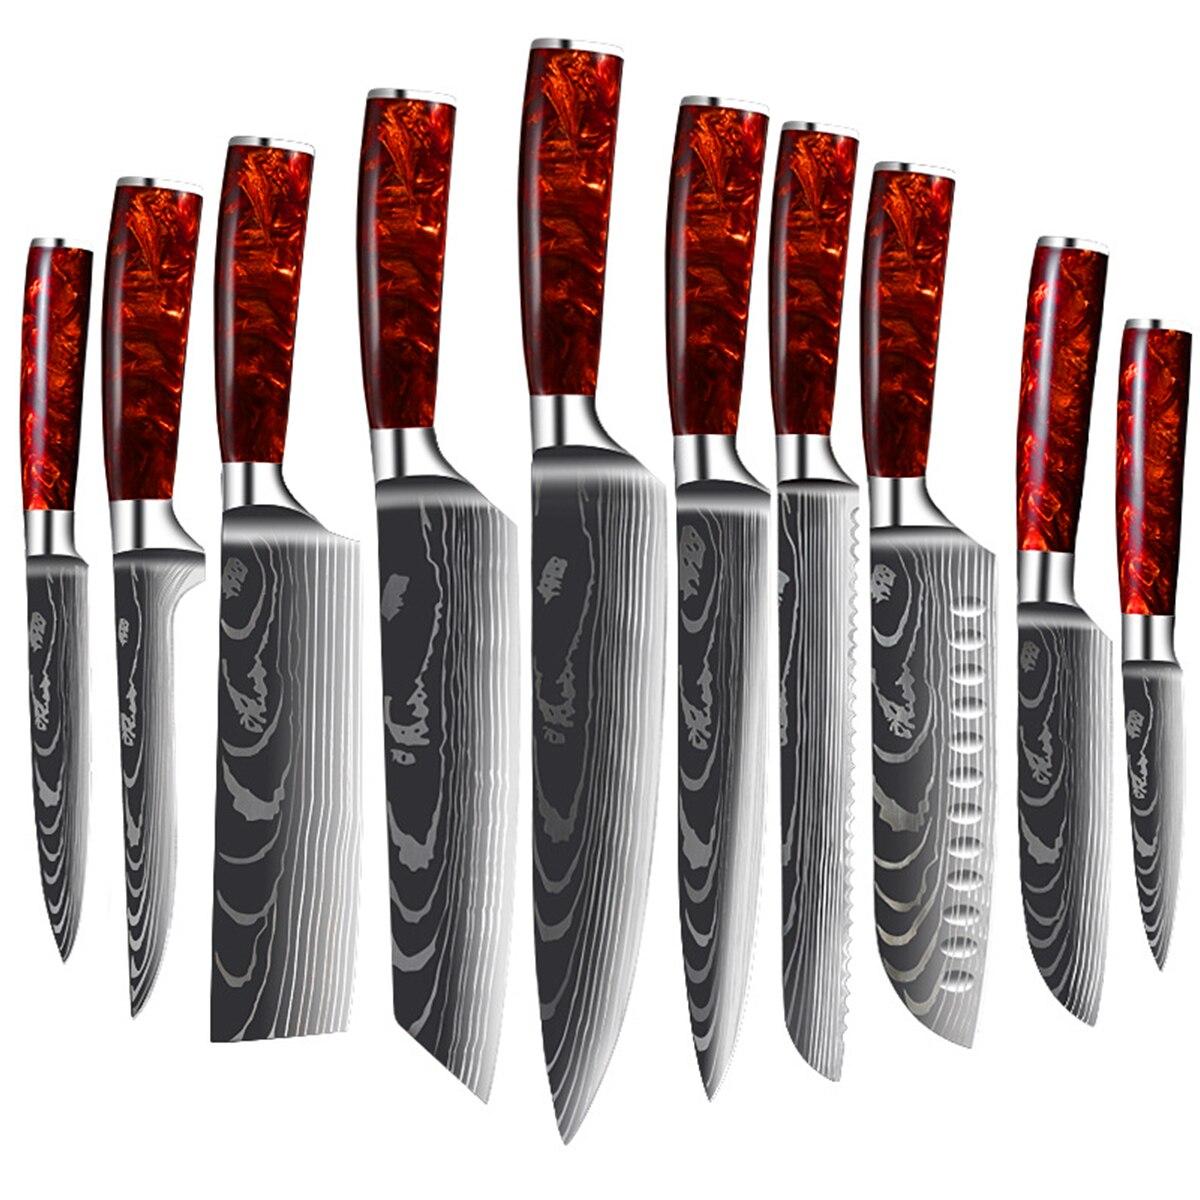 Набор профессиональных кухонных ножей, нож мясника для обвалки фруктов, нарезки мяса, нарезки, измельчения рыбы, филе, набор кухонных ножей нож для нарезки мяса 2900 293525 350 мм черный